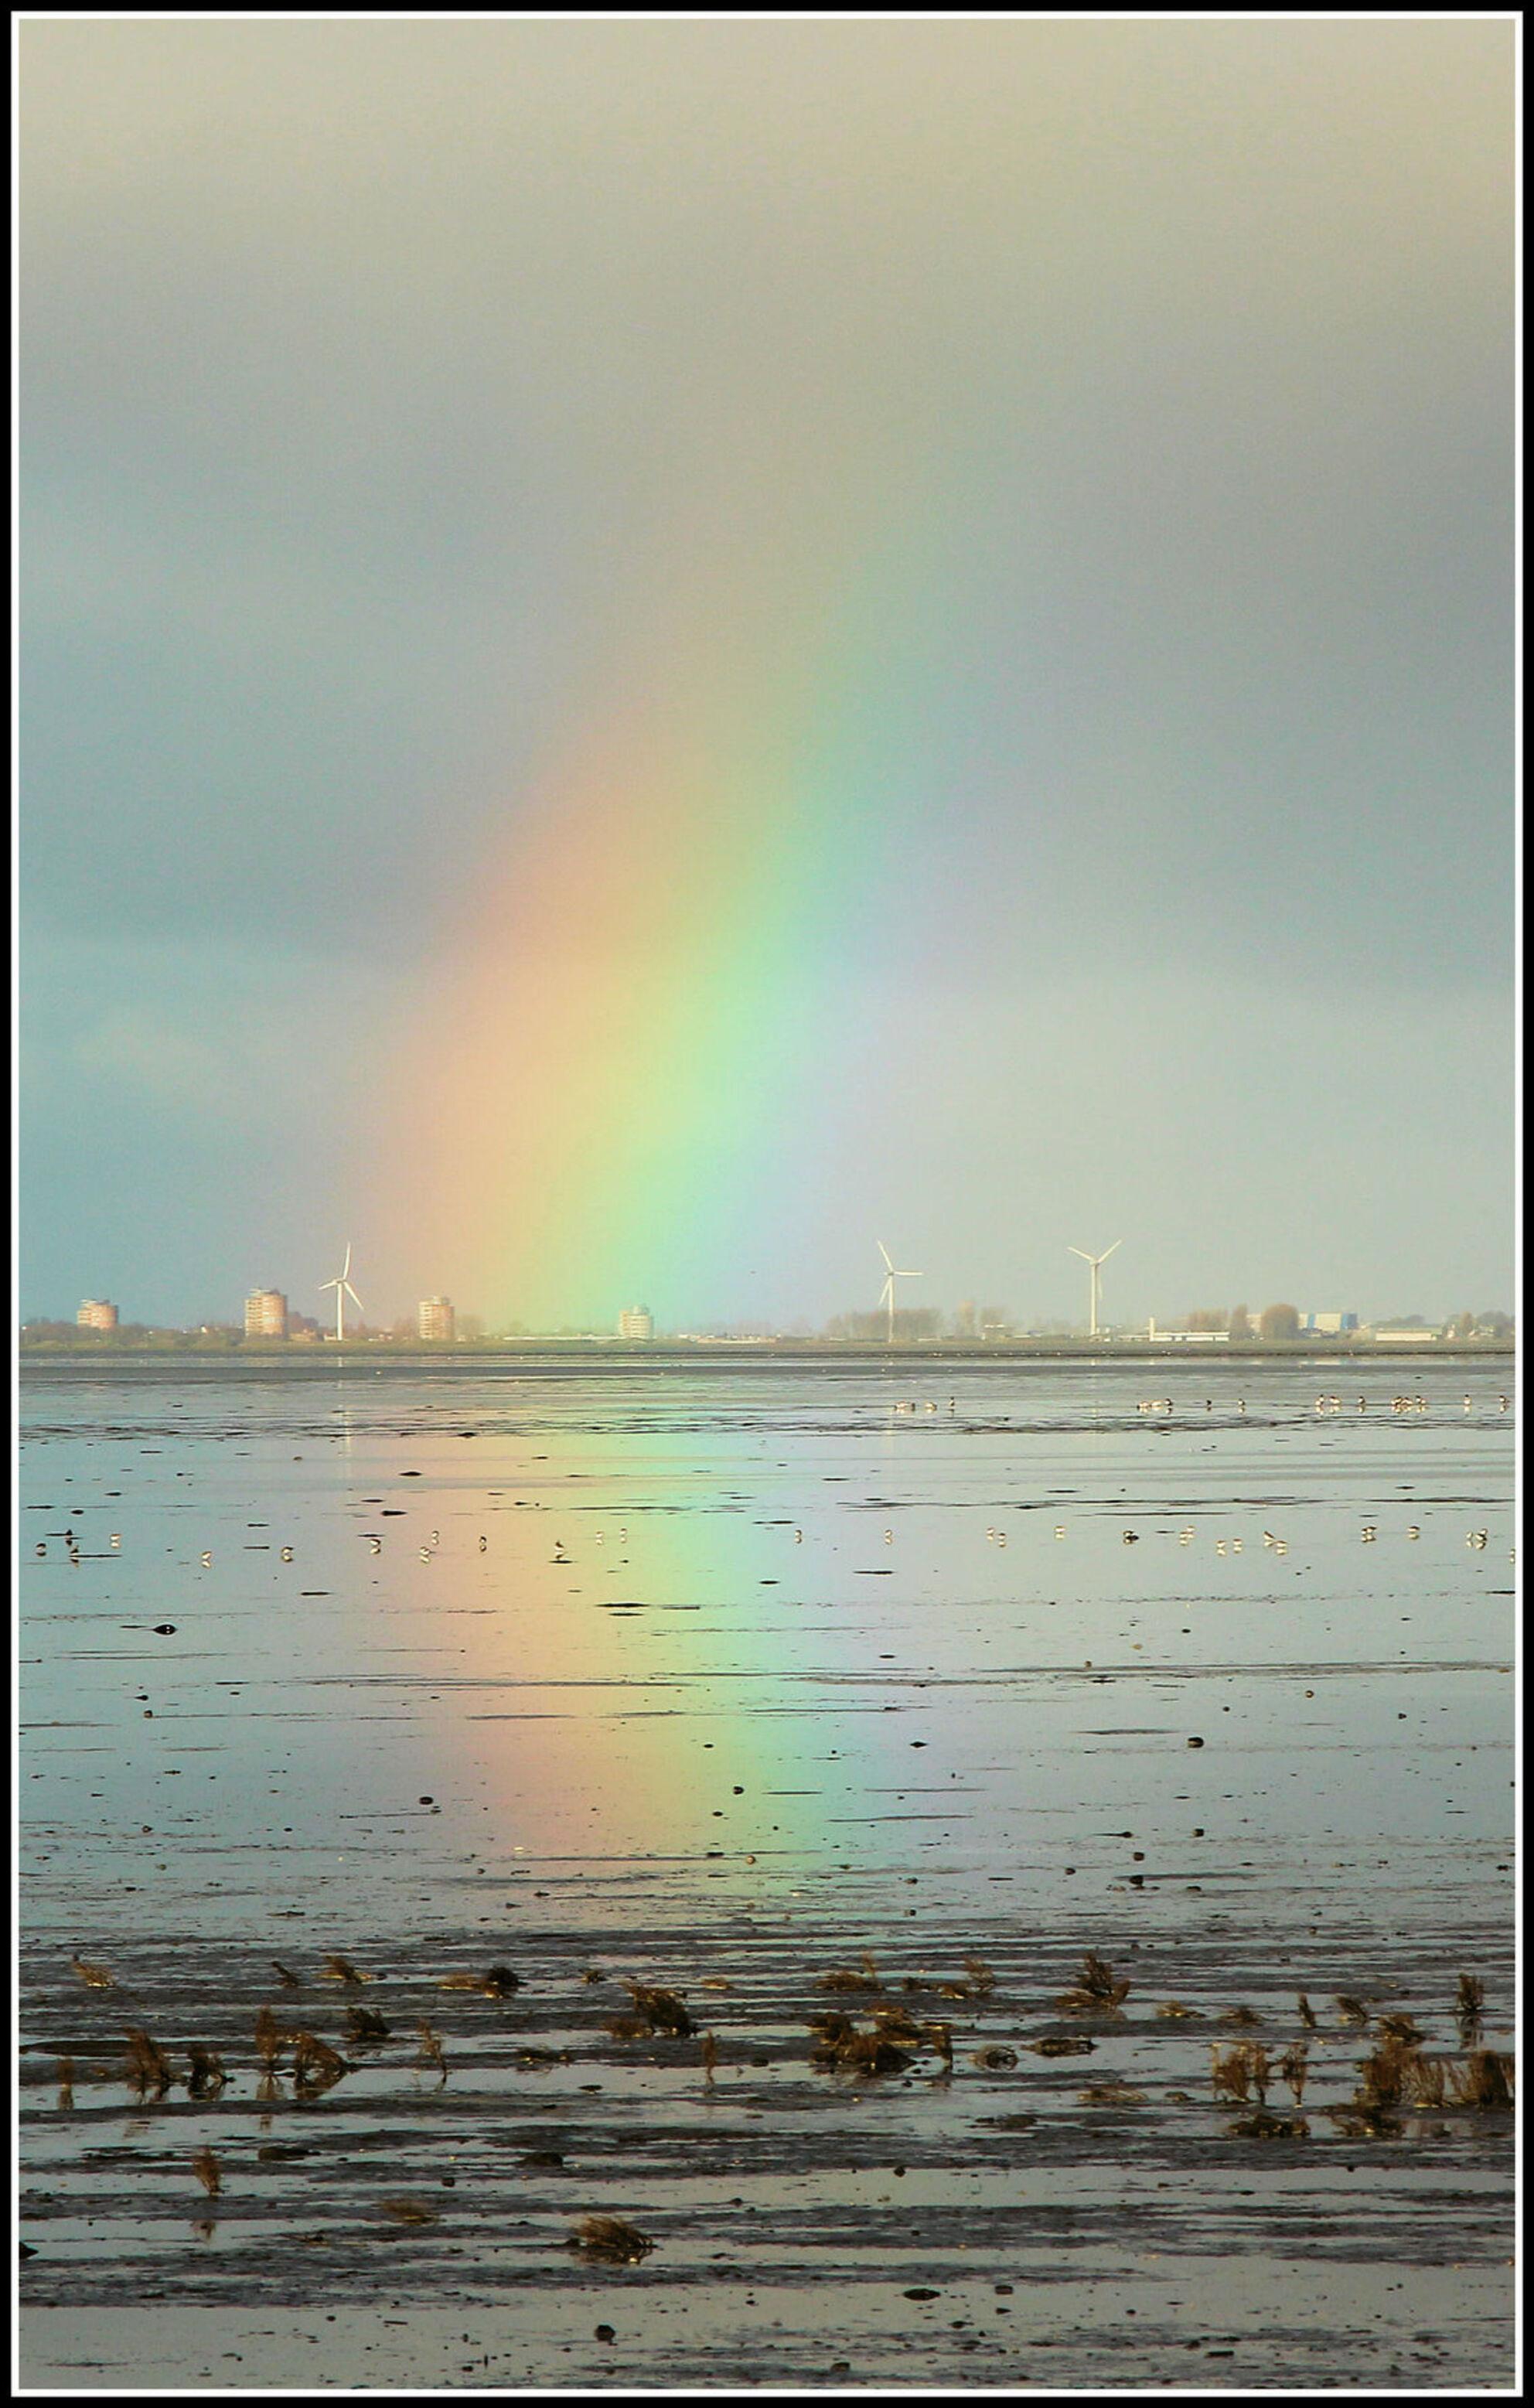 Balgzanddijk richting Den Helder - - - foto door jelle13 op 16-02-2021 - deze foto bevat: groen, lucht, zon, water, natuur, geel, licht, winter, landschap - Deze foto mag gebruikt worden in een Zoom.nl publicatie